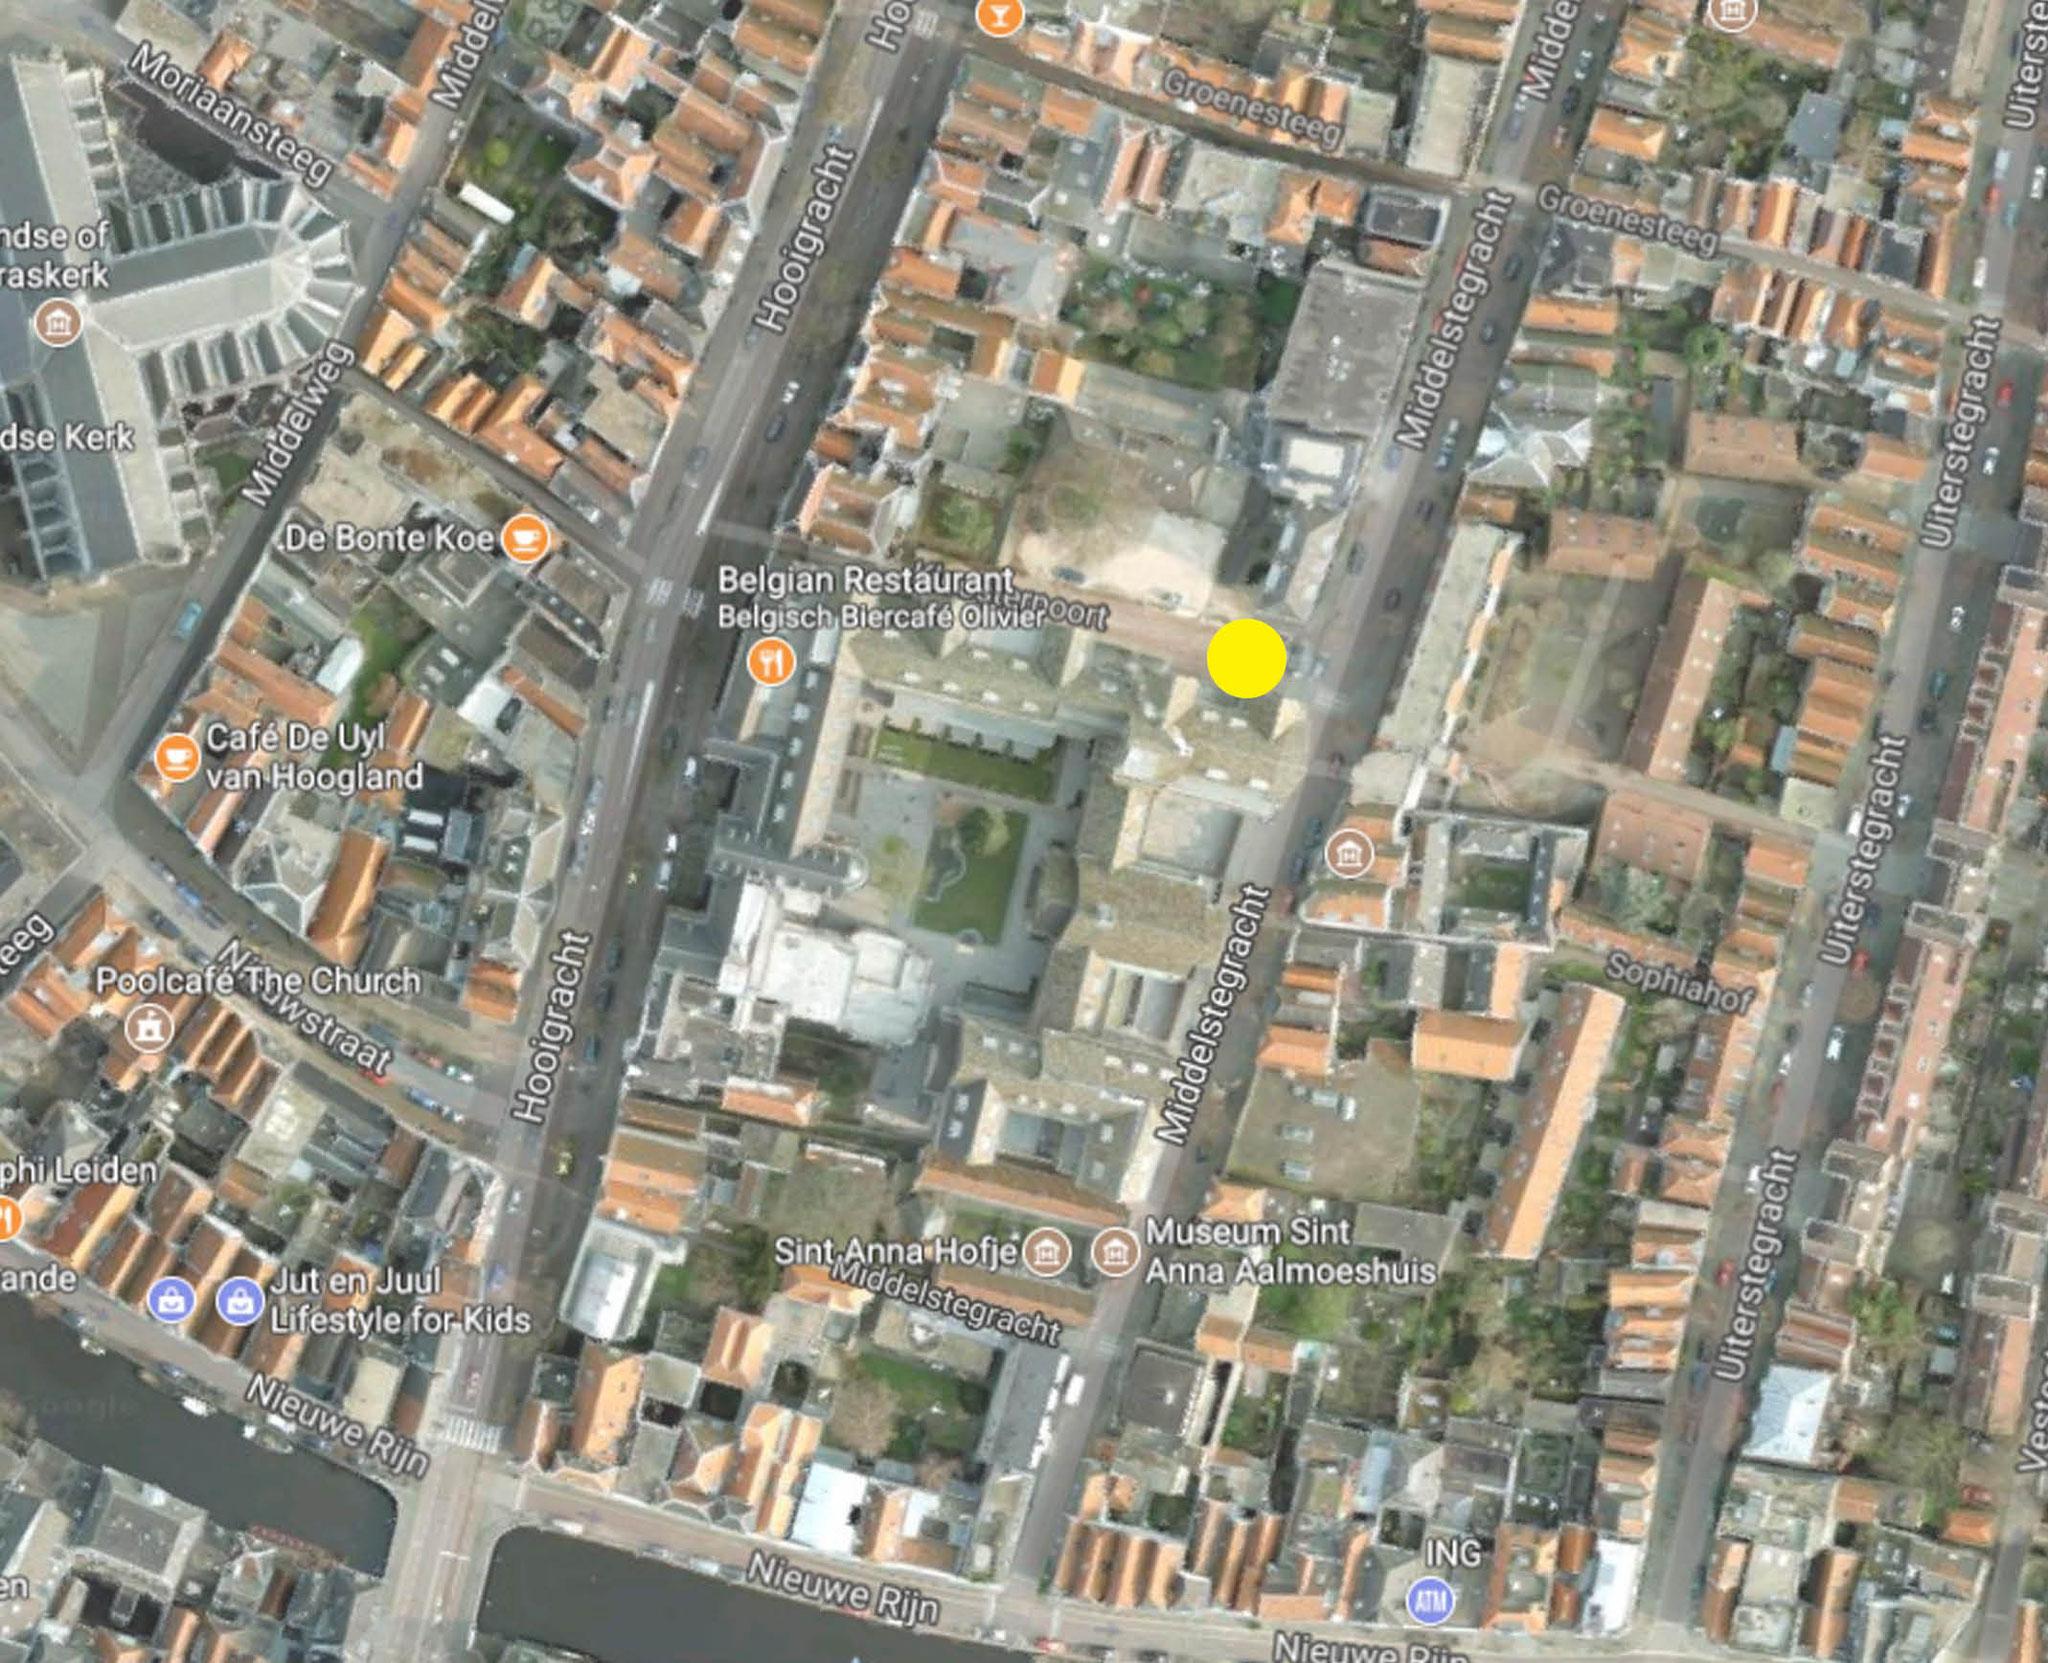 Luchtfoto omgeving, op gele stip moet het pand van GewoonWonen komen